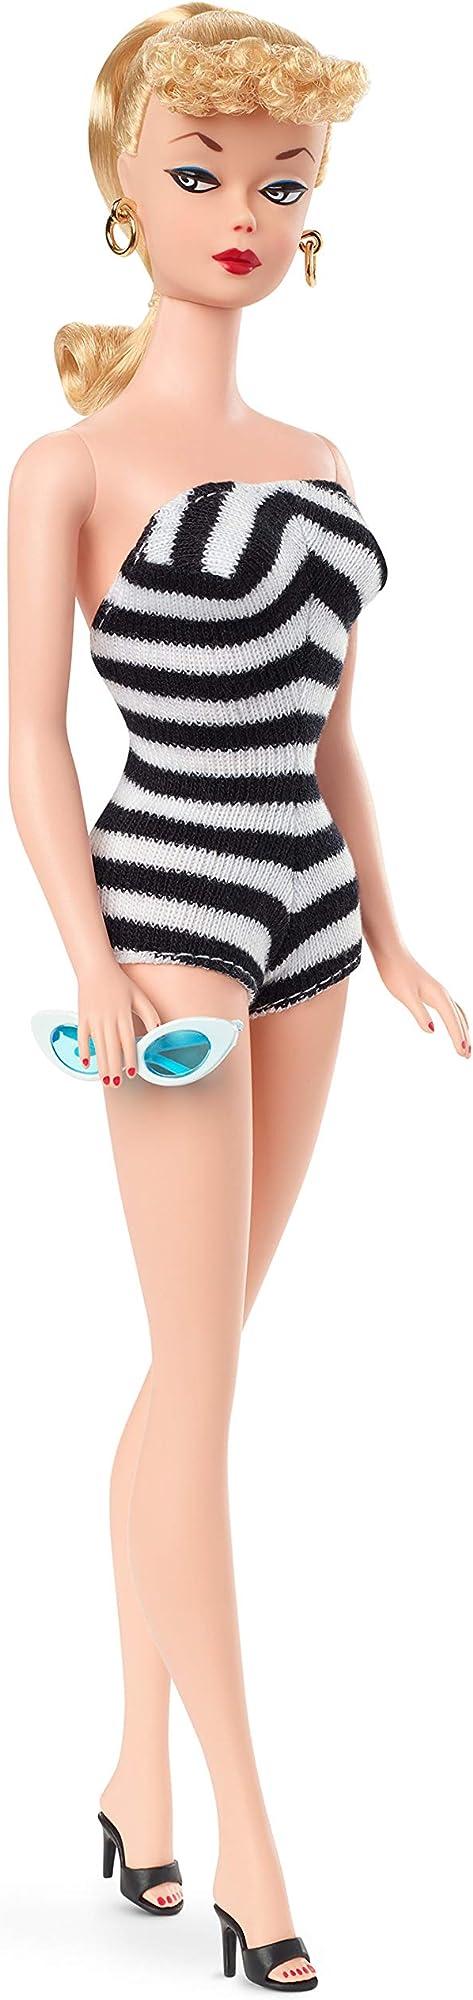 Barbie signature, riproduzione bambola barbie da collezione con costume da bagno GHT46